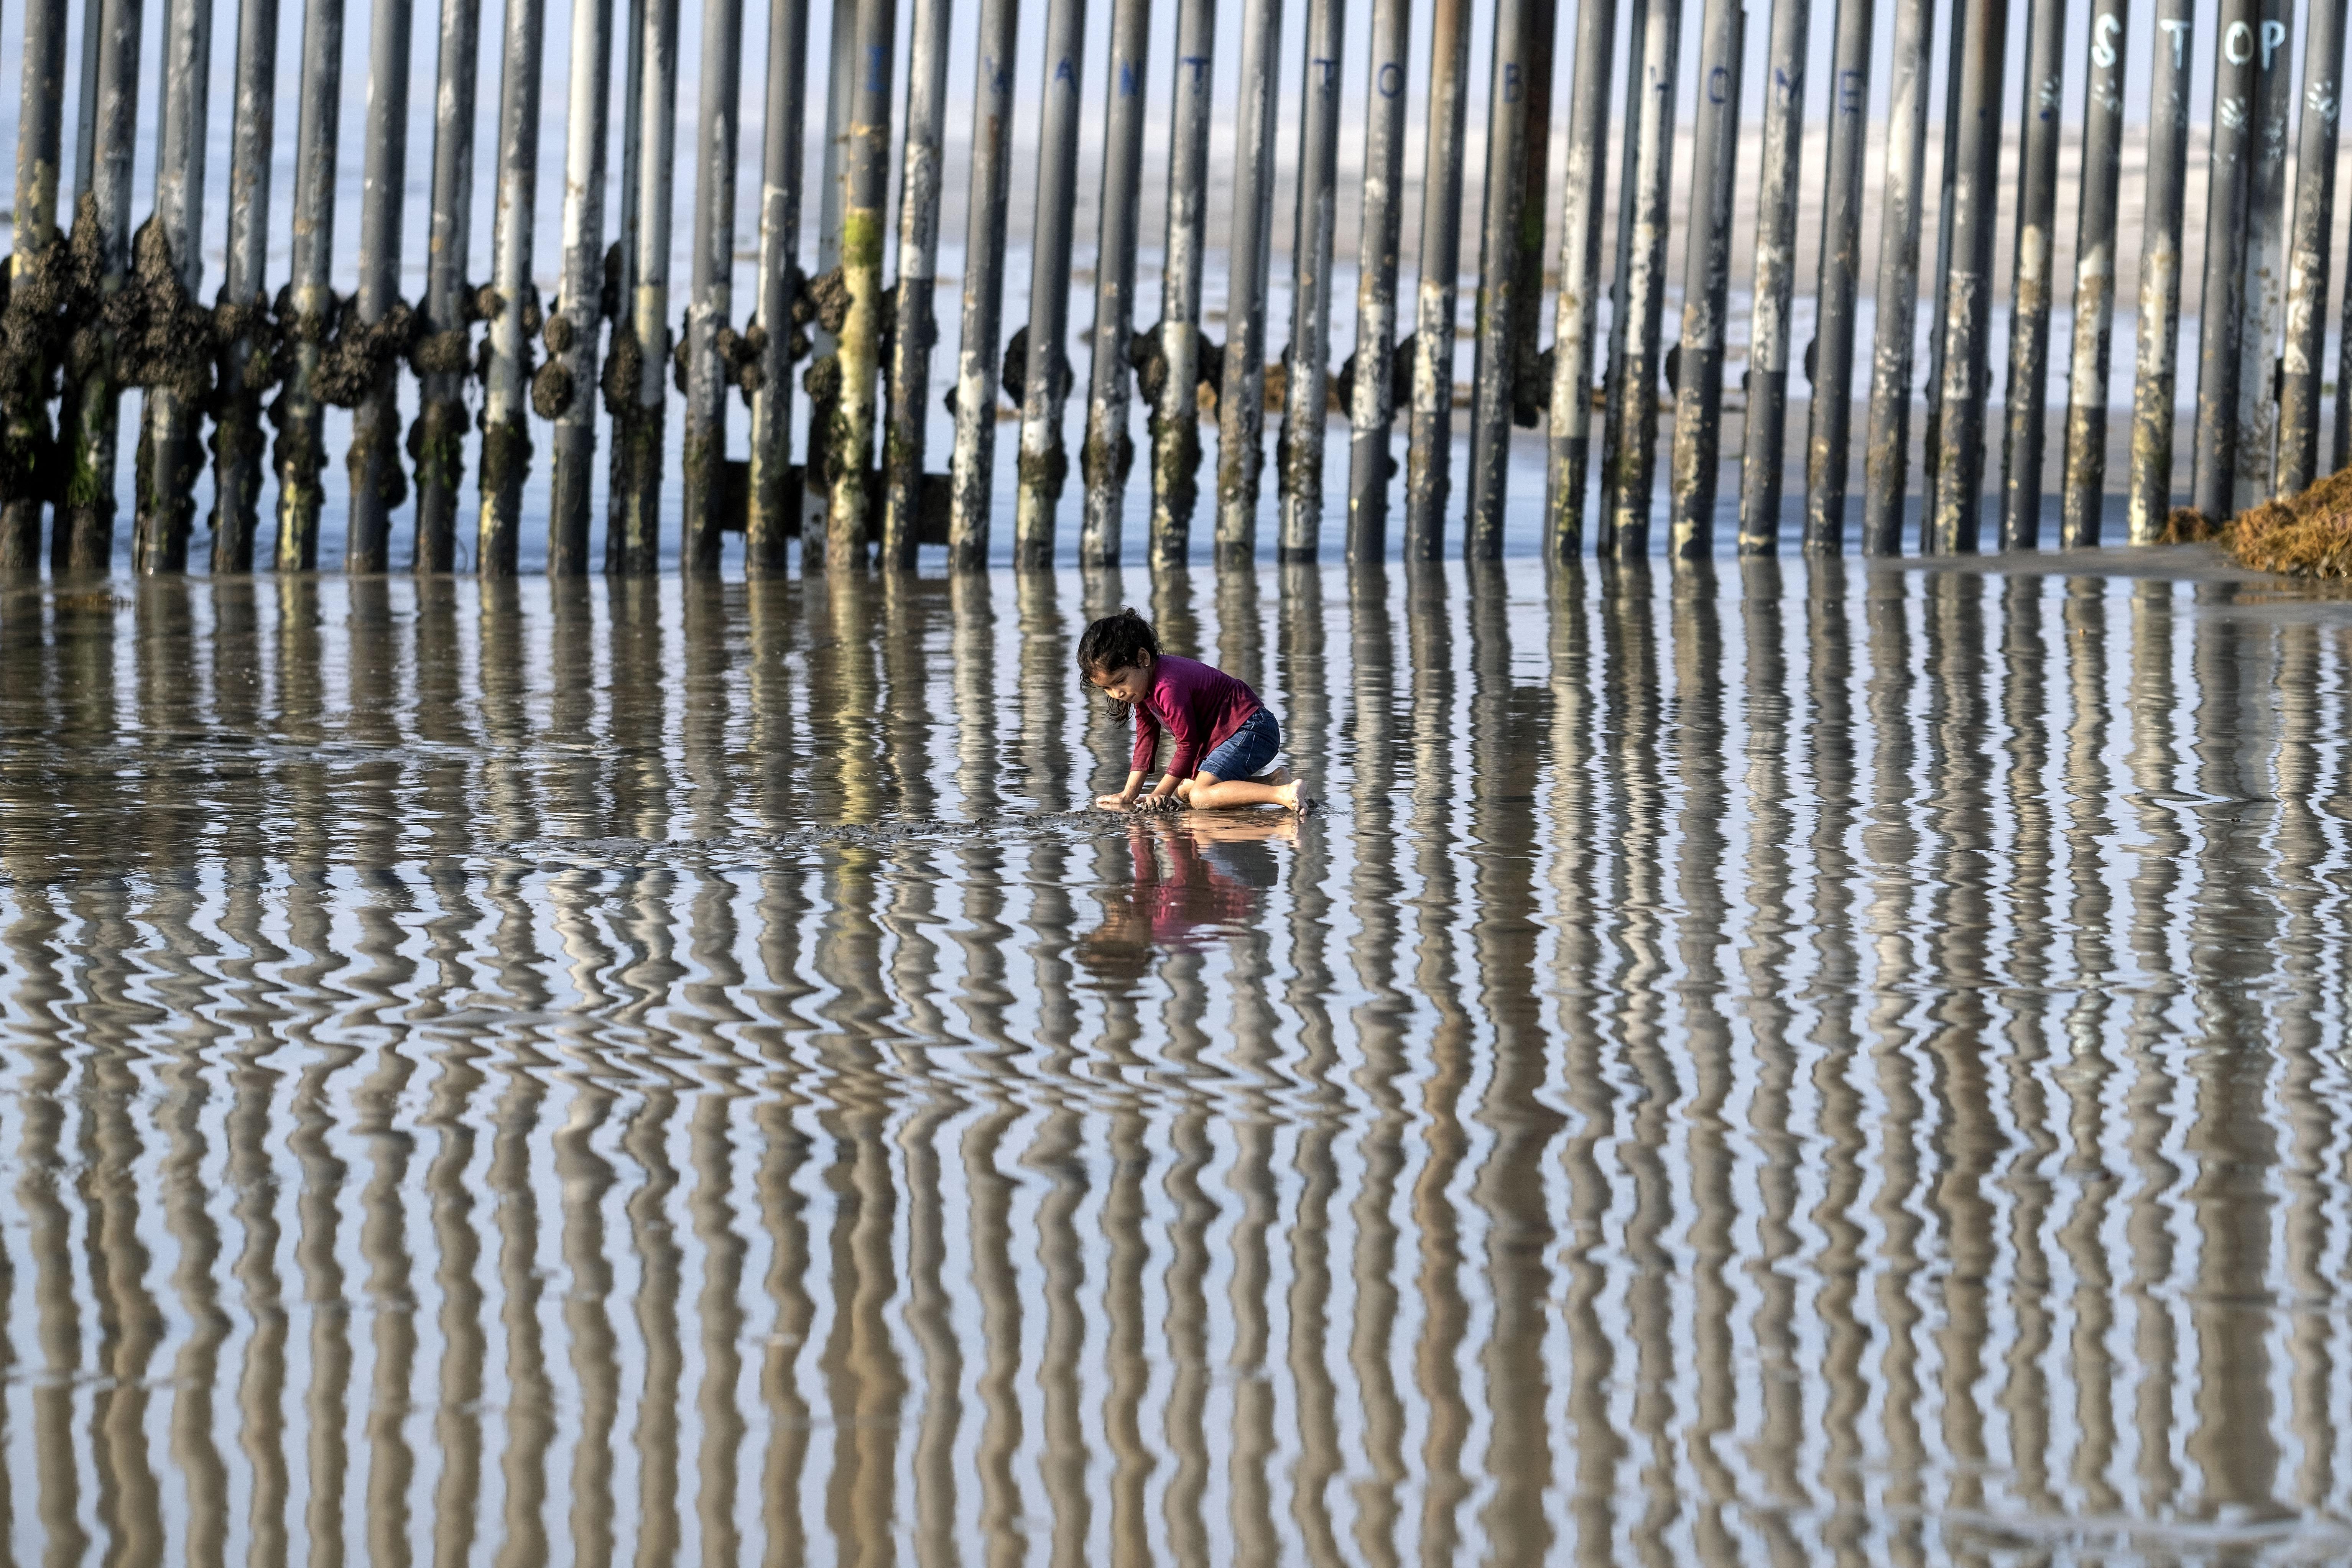 Una niña juega en Playas de Tijuana cerca de la frontera entre Estados Unidos y México en Tijuana, estado de Baja California, México, el 3 de octubre de 2020, en medio de la pandemia del coronavirus COVID-19.